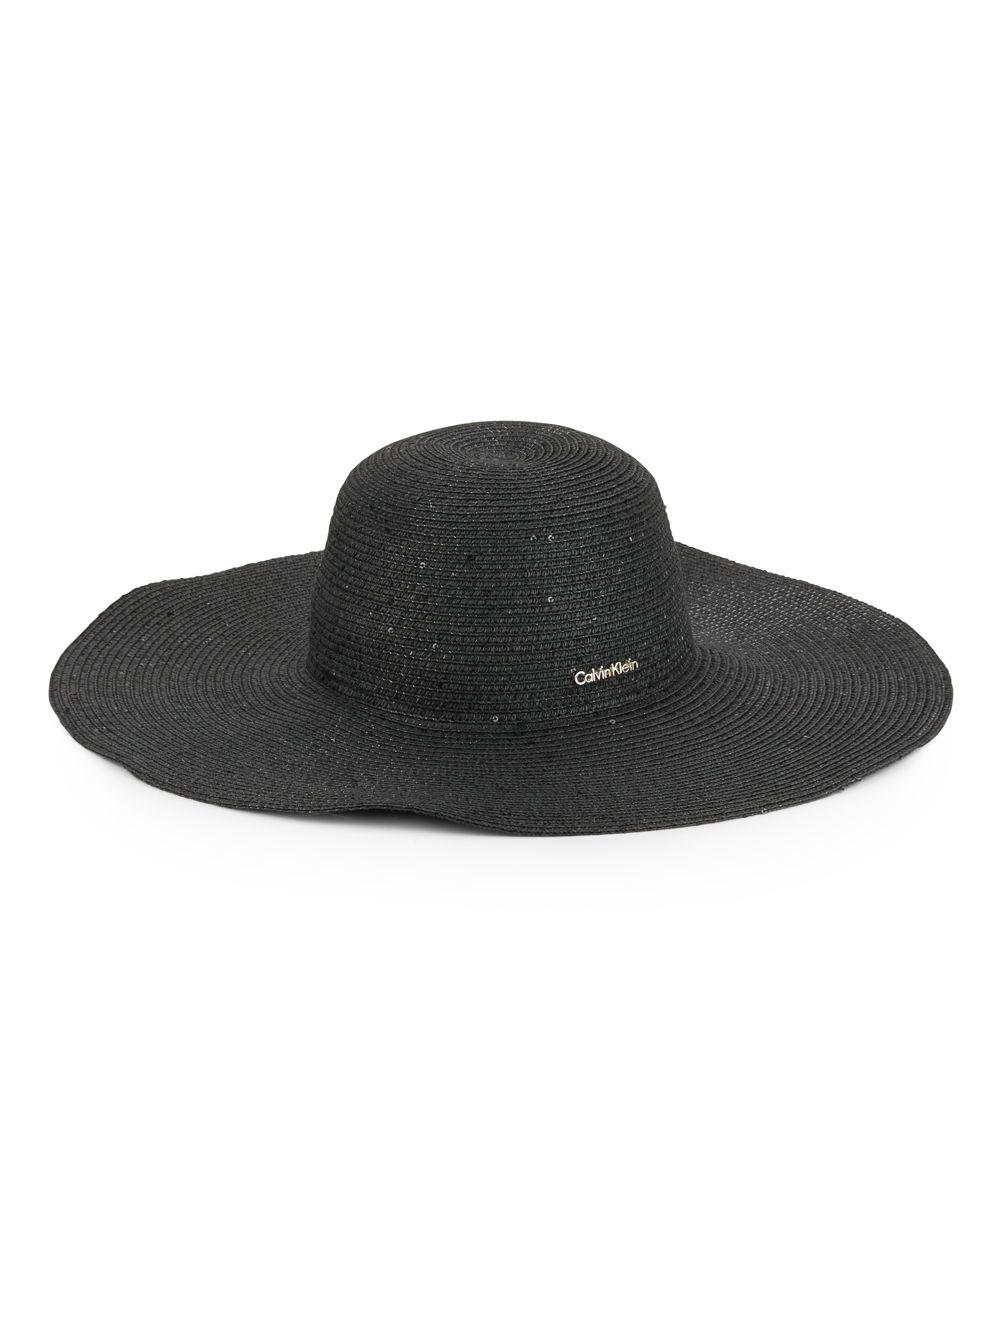 calvin klein sequined sun hat in black lyst